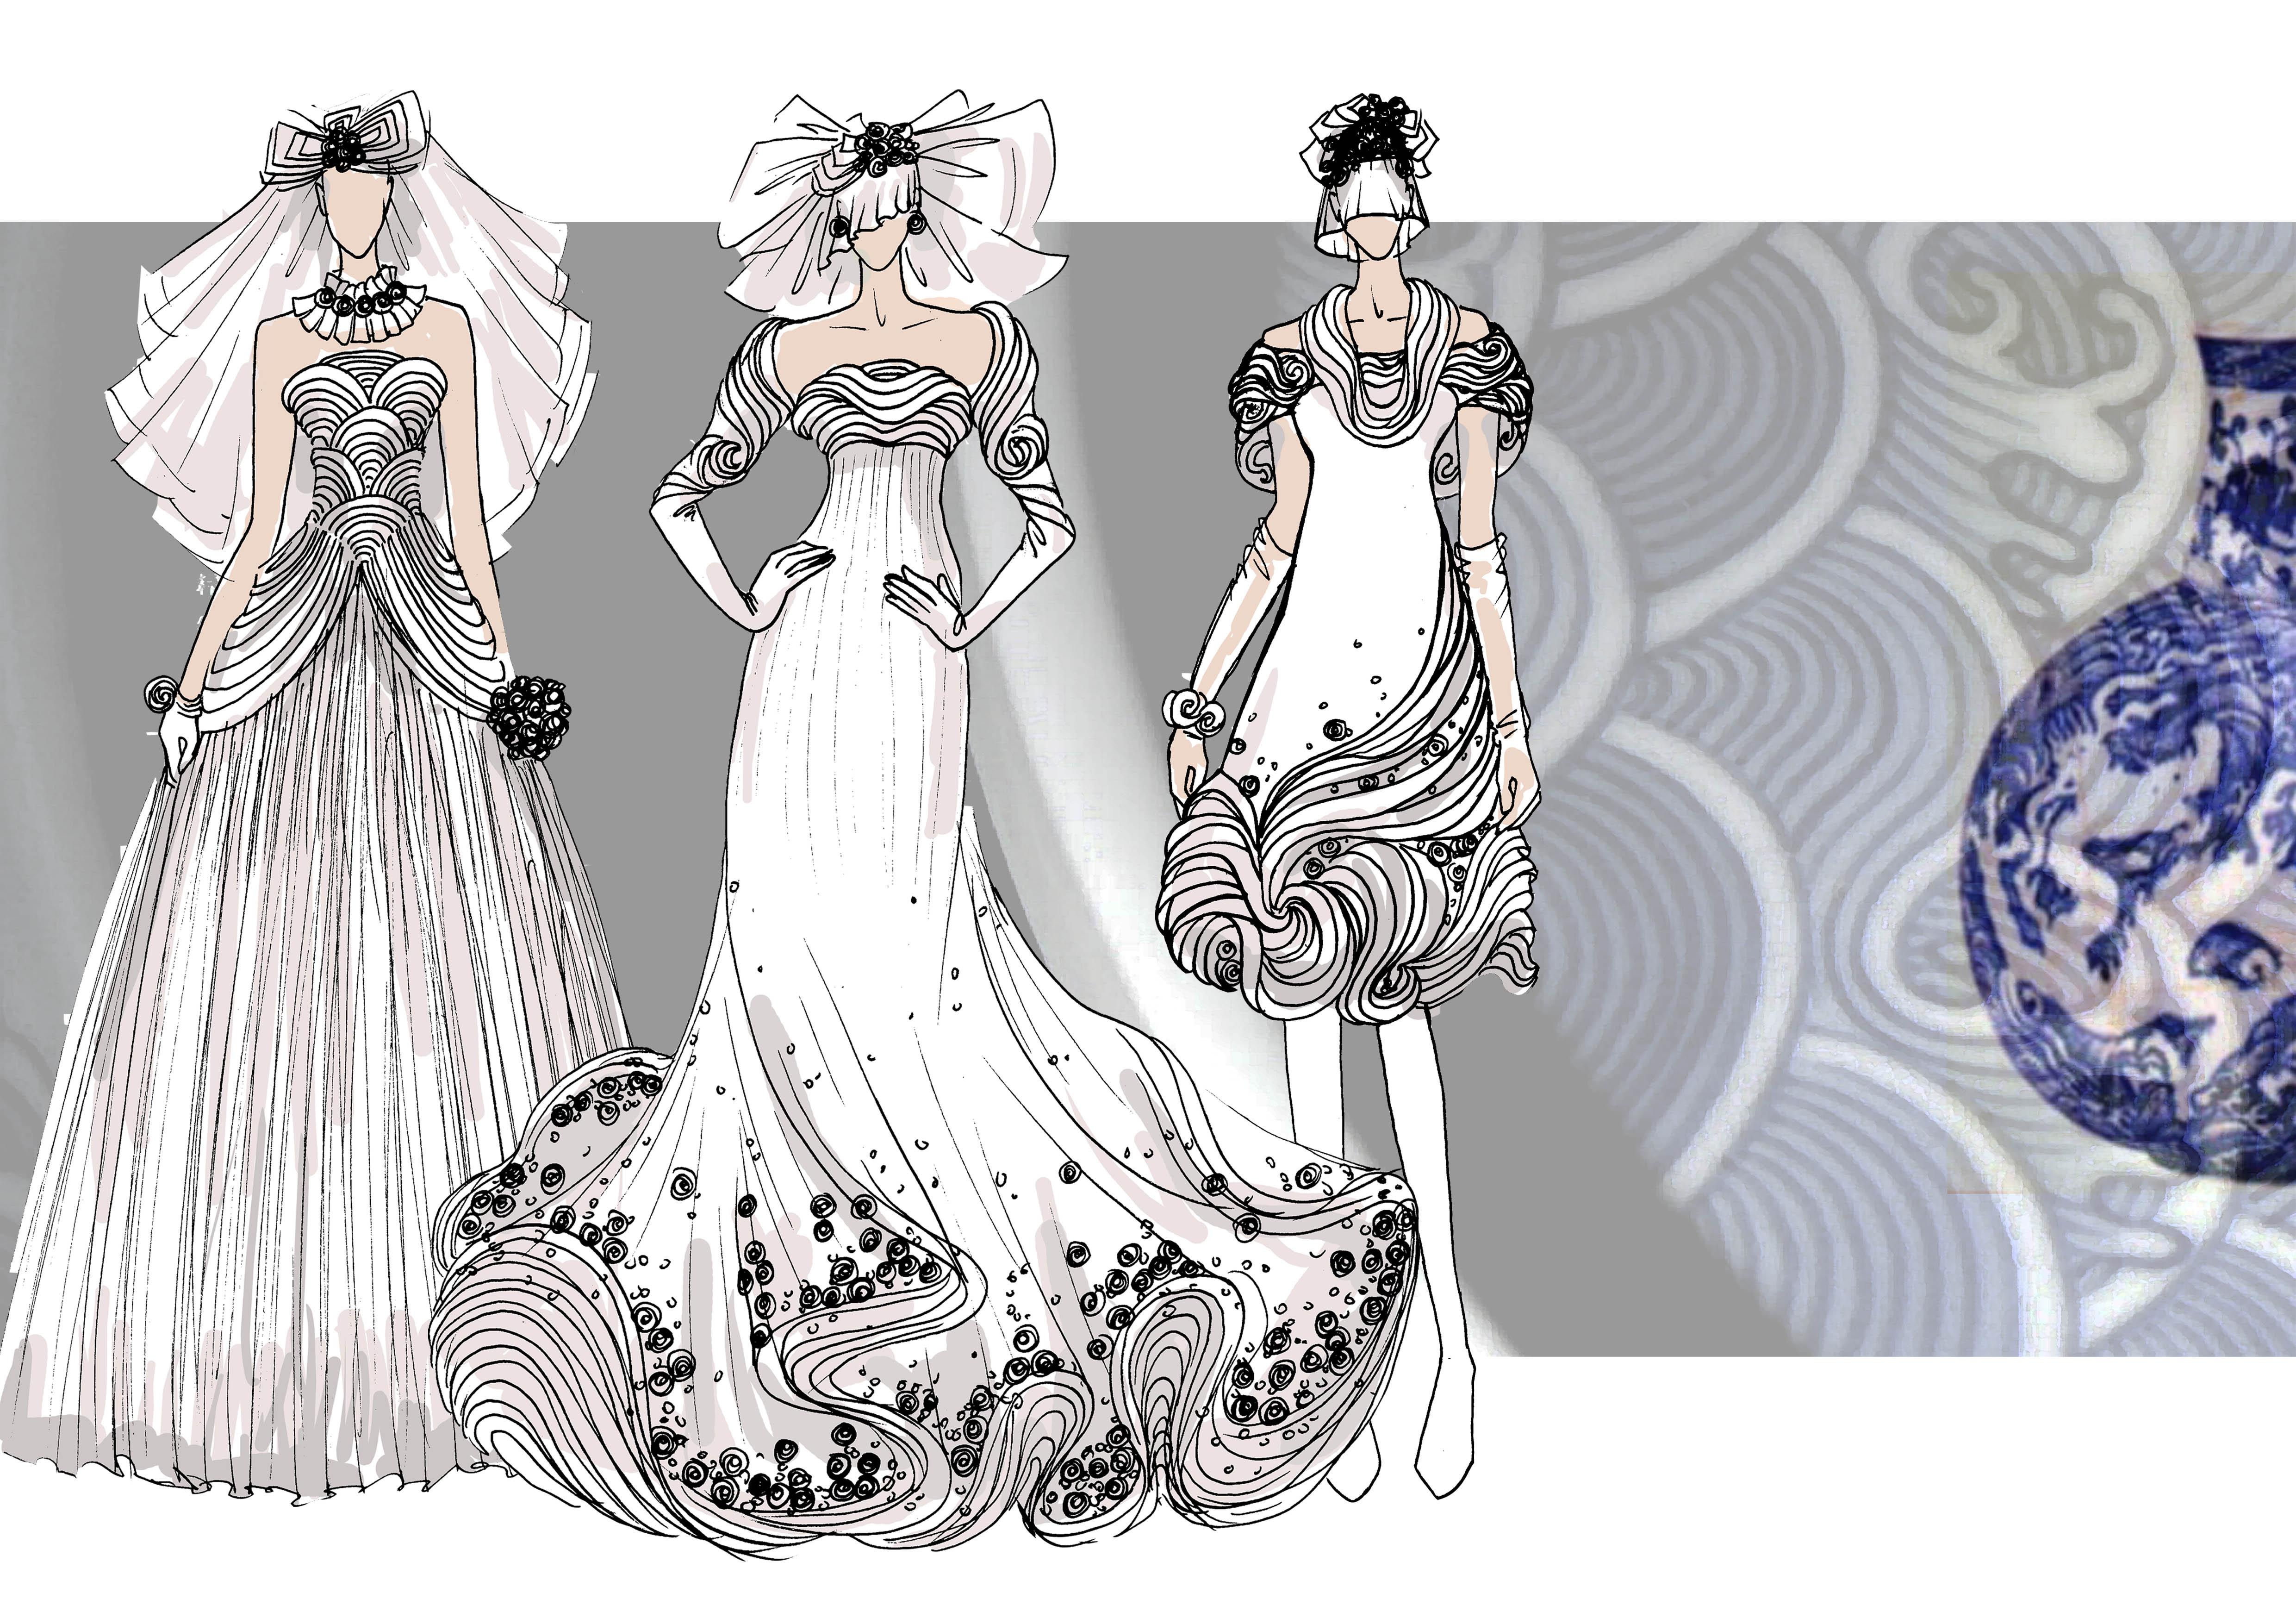 设计图手绘服装婚纱设计图手绘婚纱设计图图片